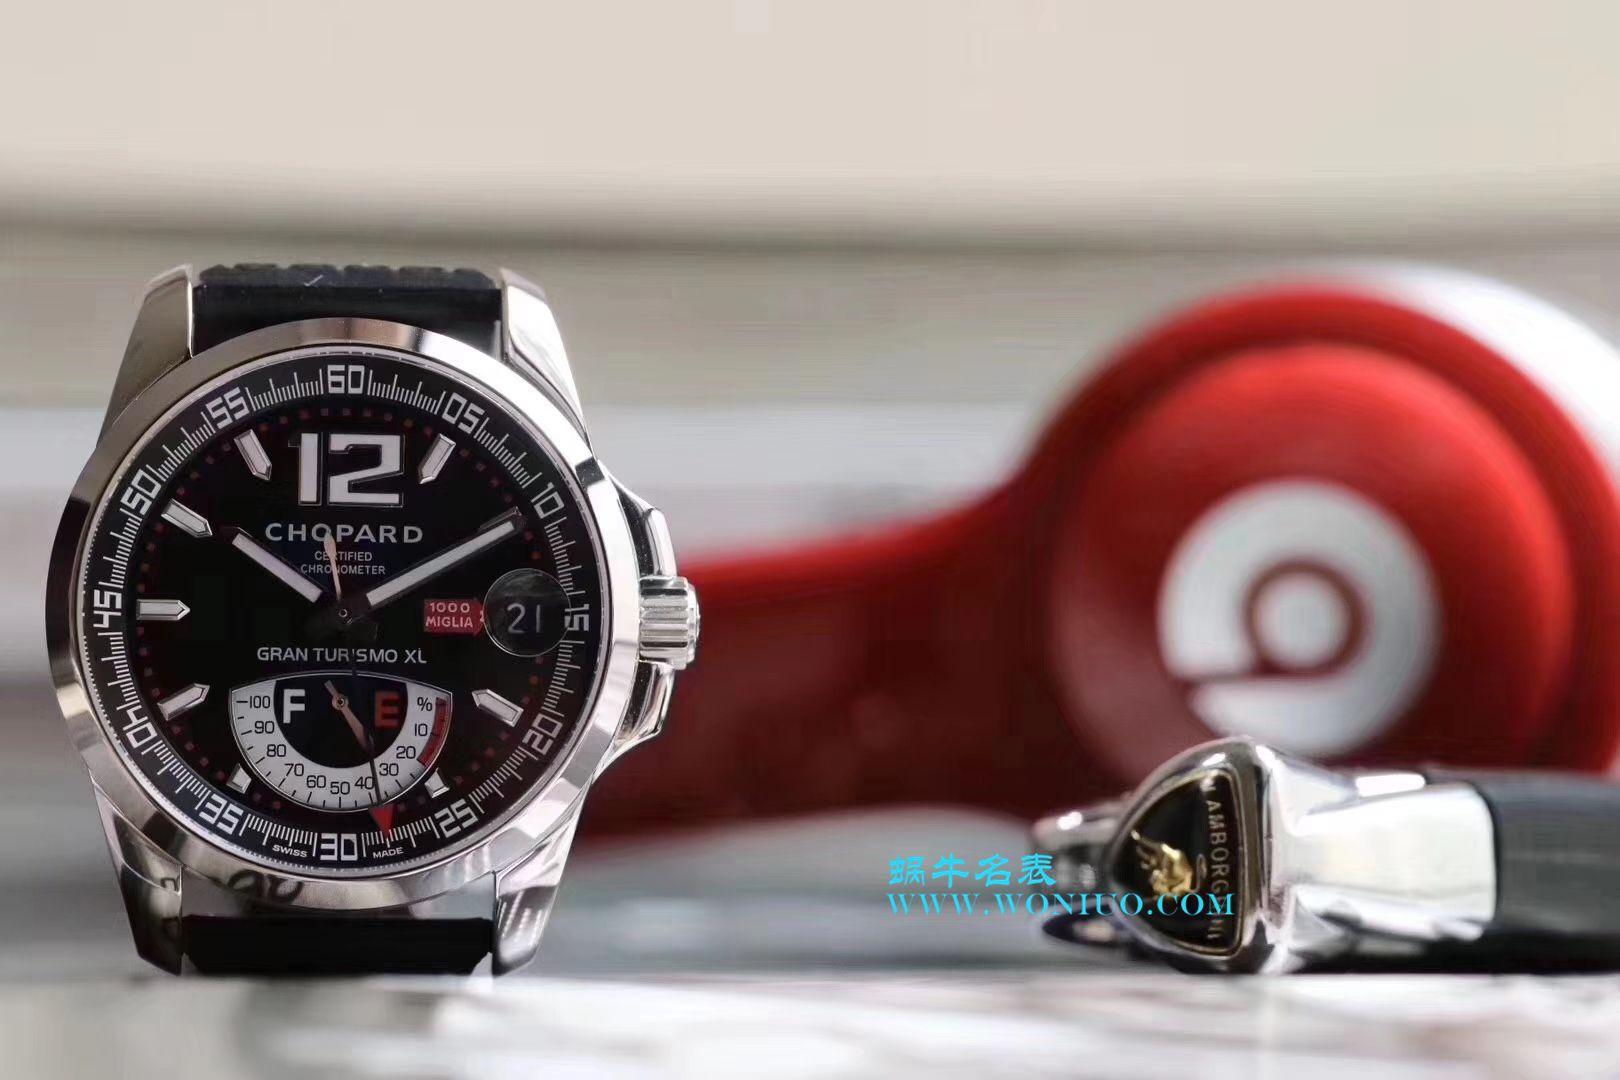 【台湾一比一超A高仿手表】萧邦经典赛车系列168457-3001腕表